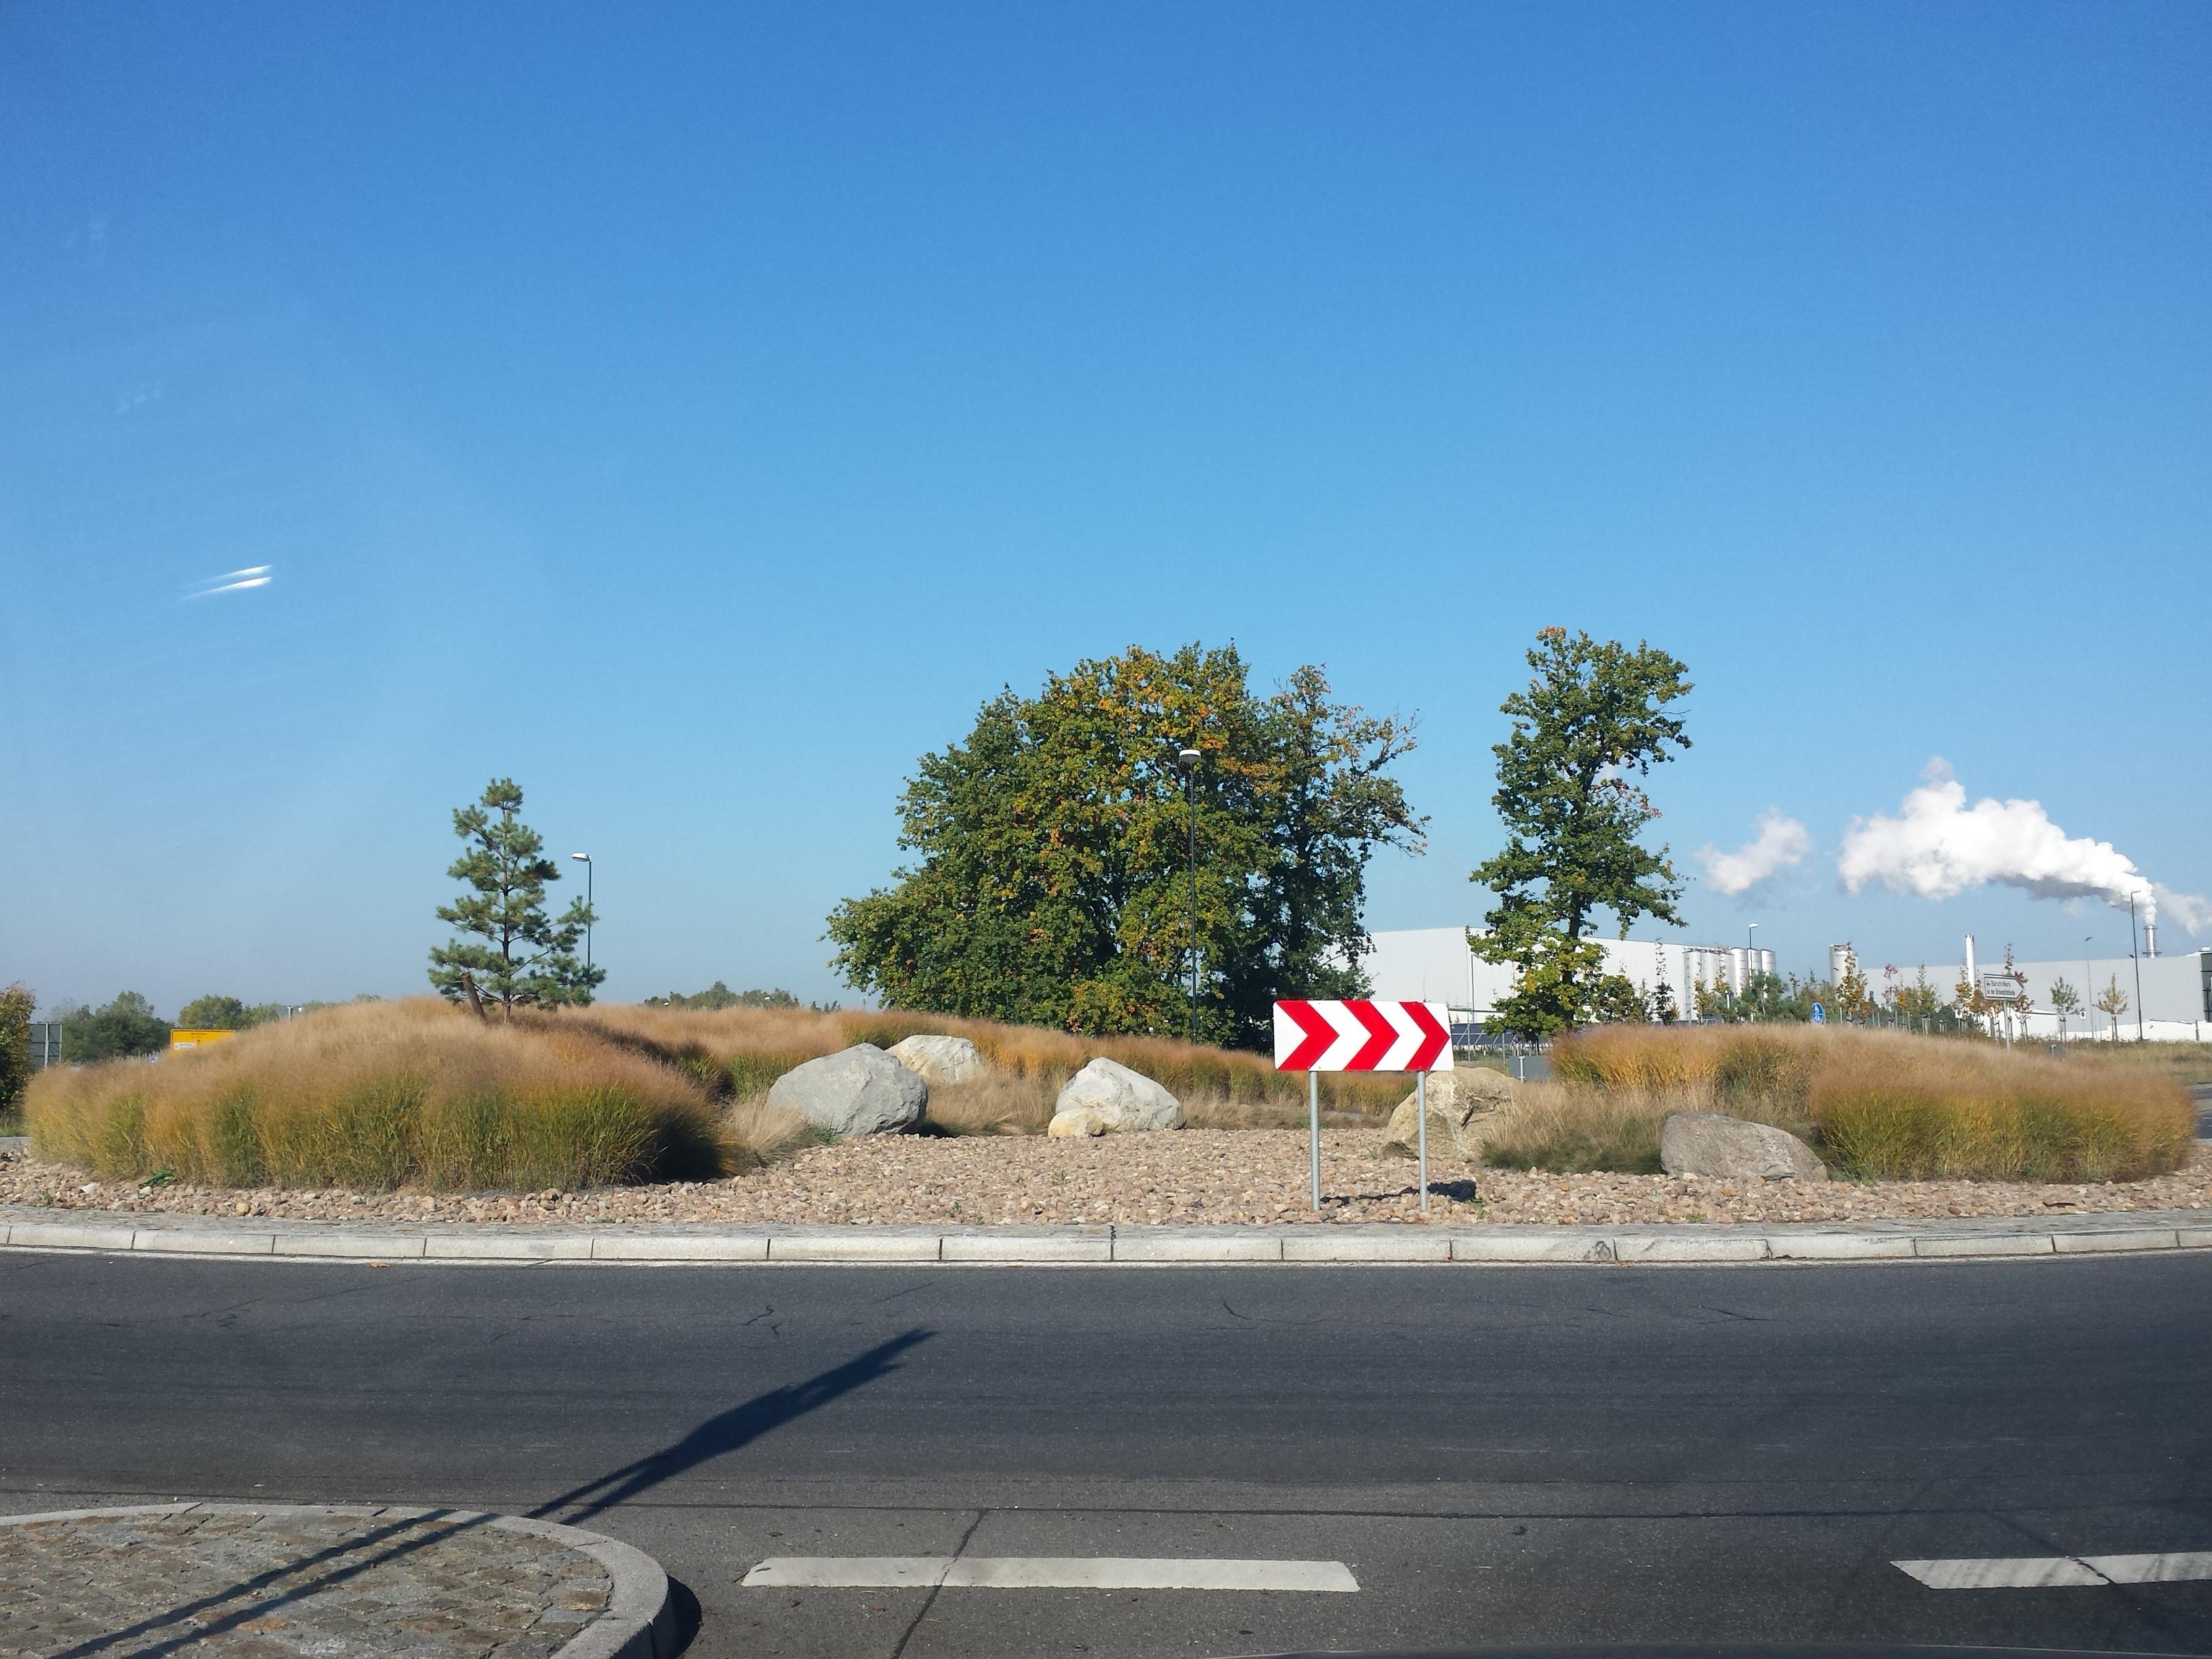 Verkehrsinsel1 a8